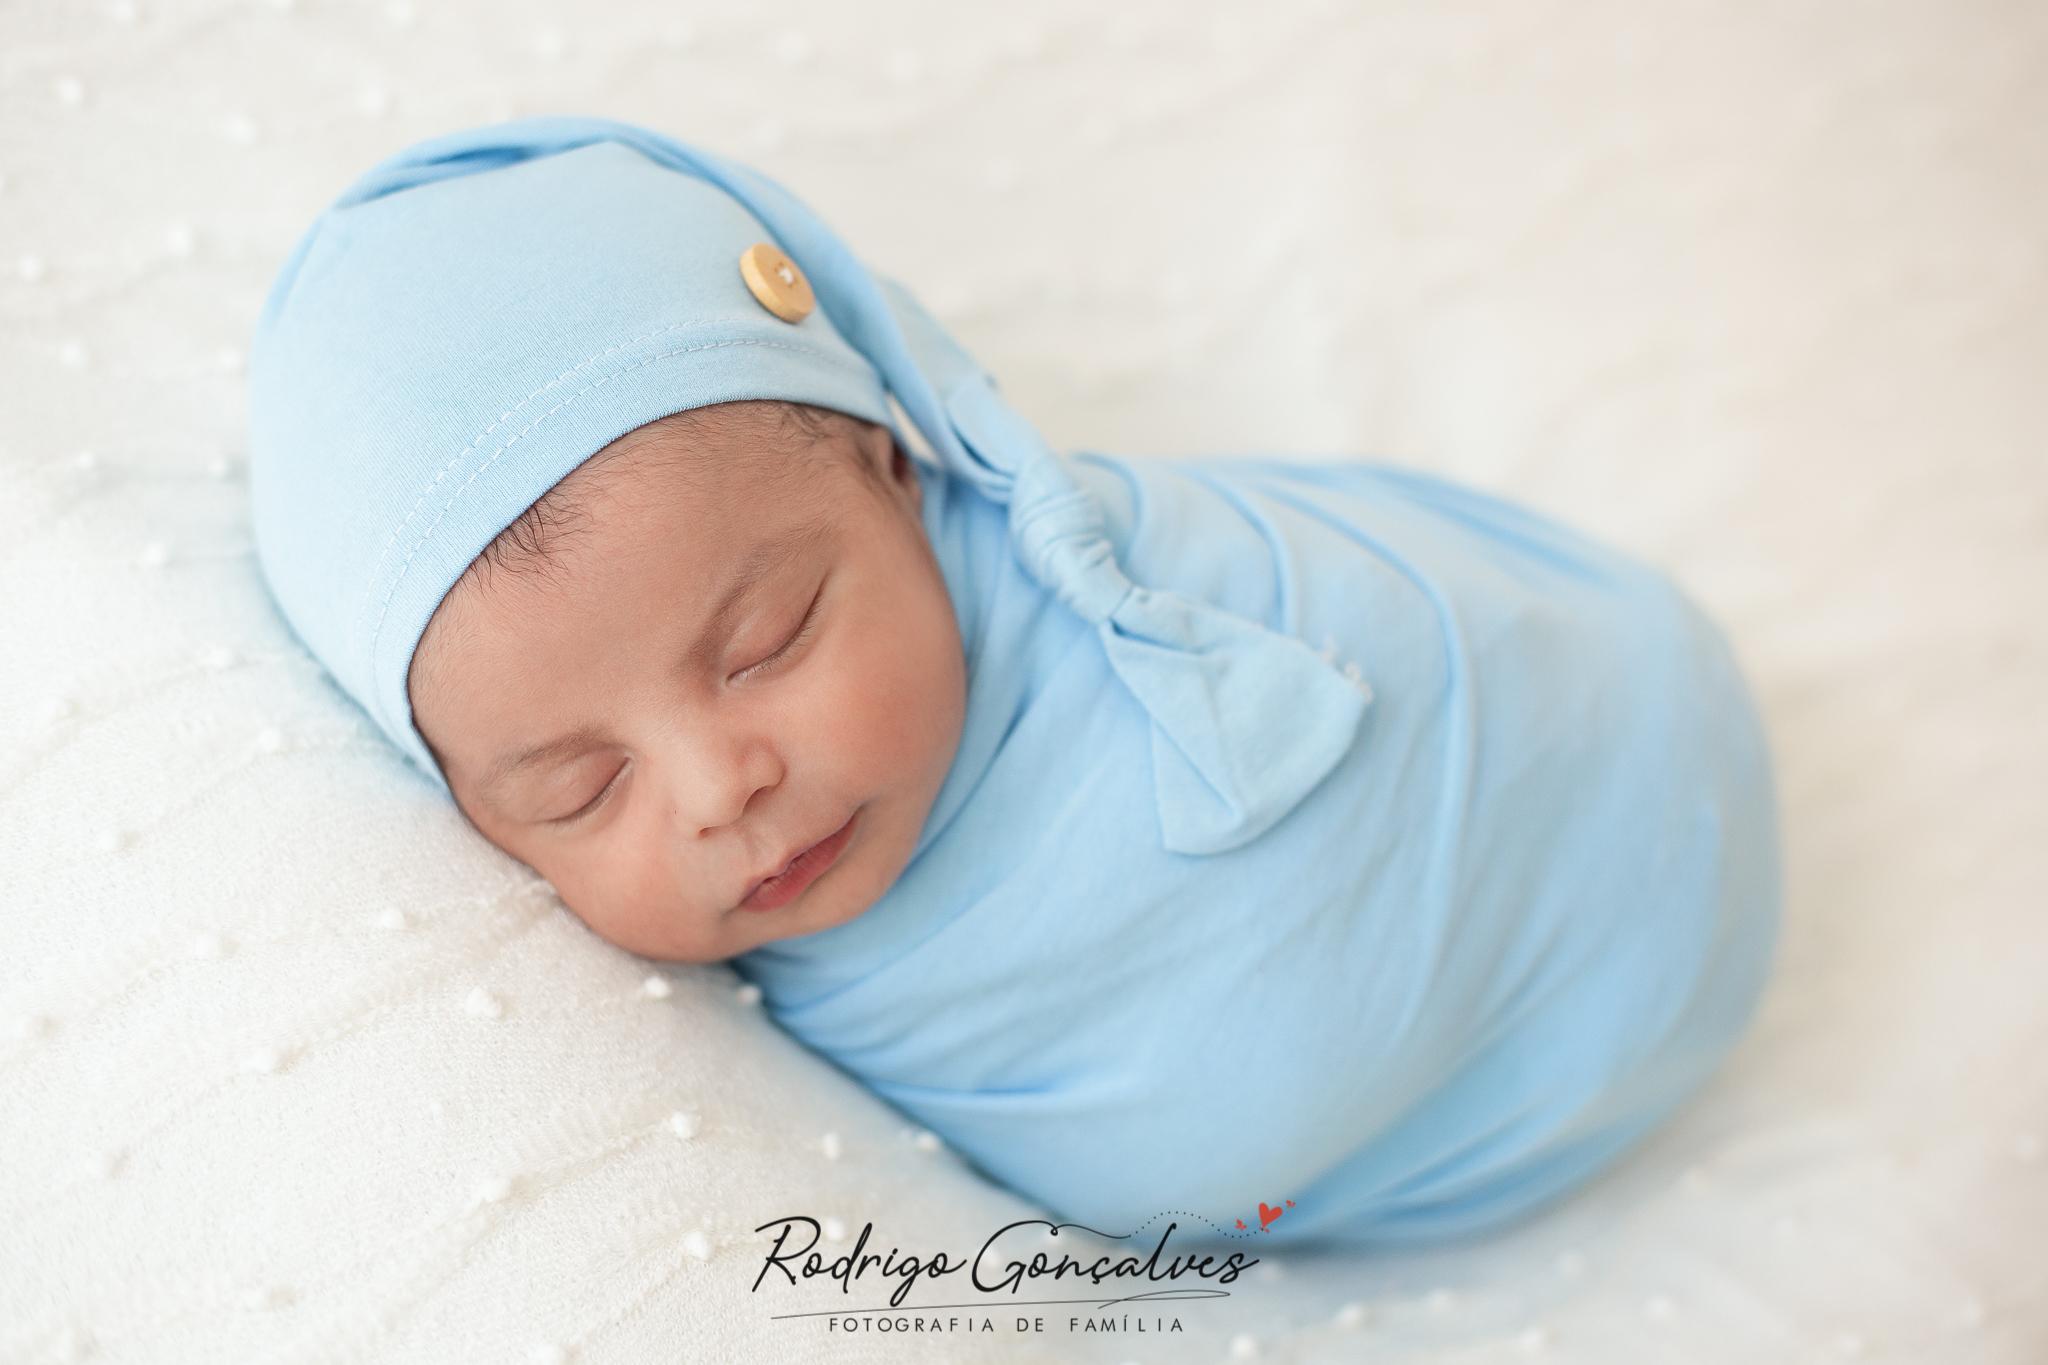 Contate Rodrigo Gonçalves - Especializado em Fotografia Newborn, Infantil, Gestante e Família em Uberlândia-MG